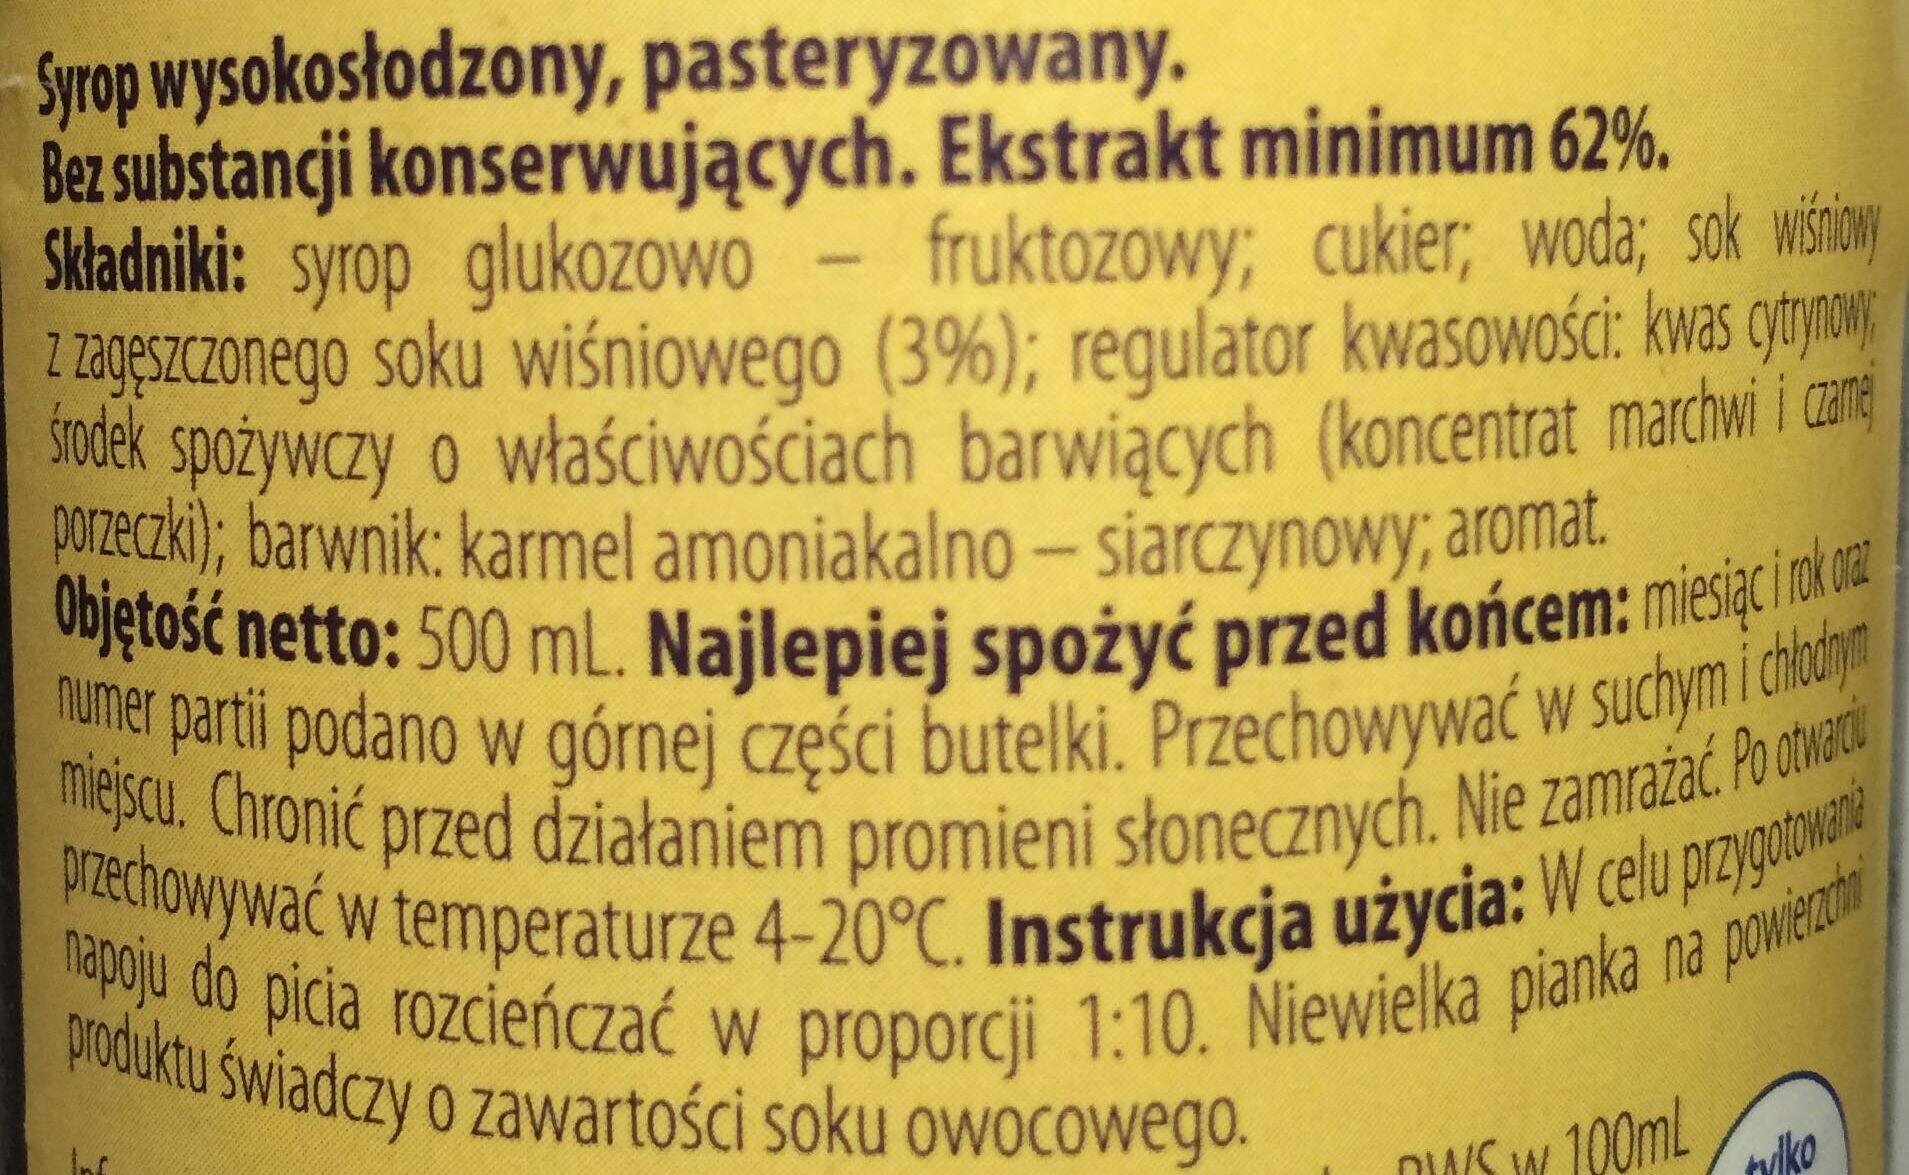 Syrop wysokosłodzony o smaku wiśnia - Składniki